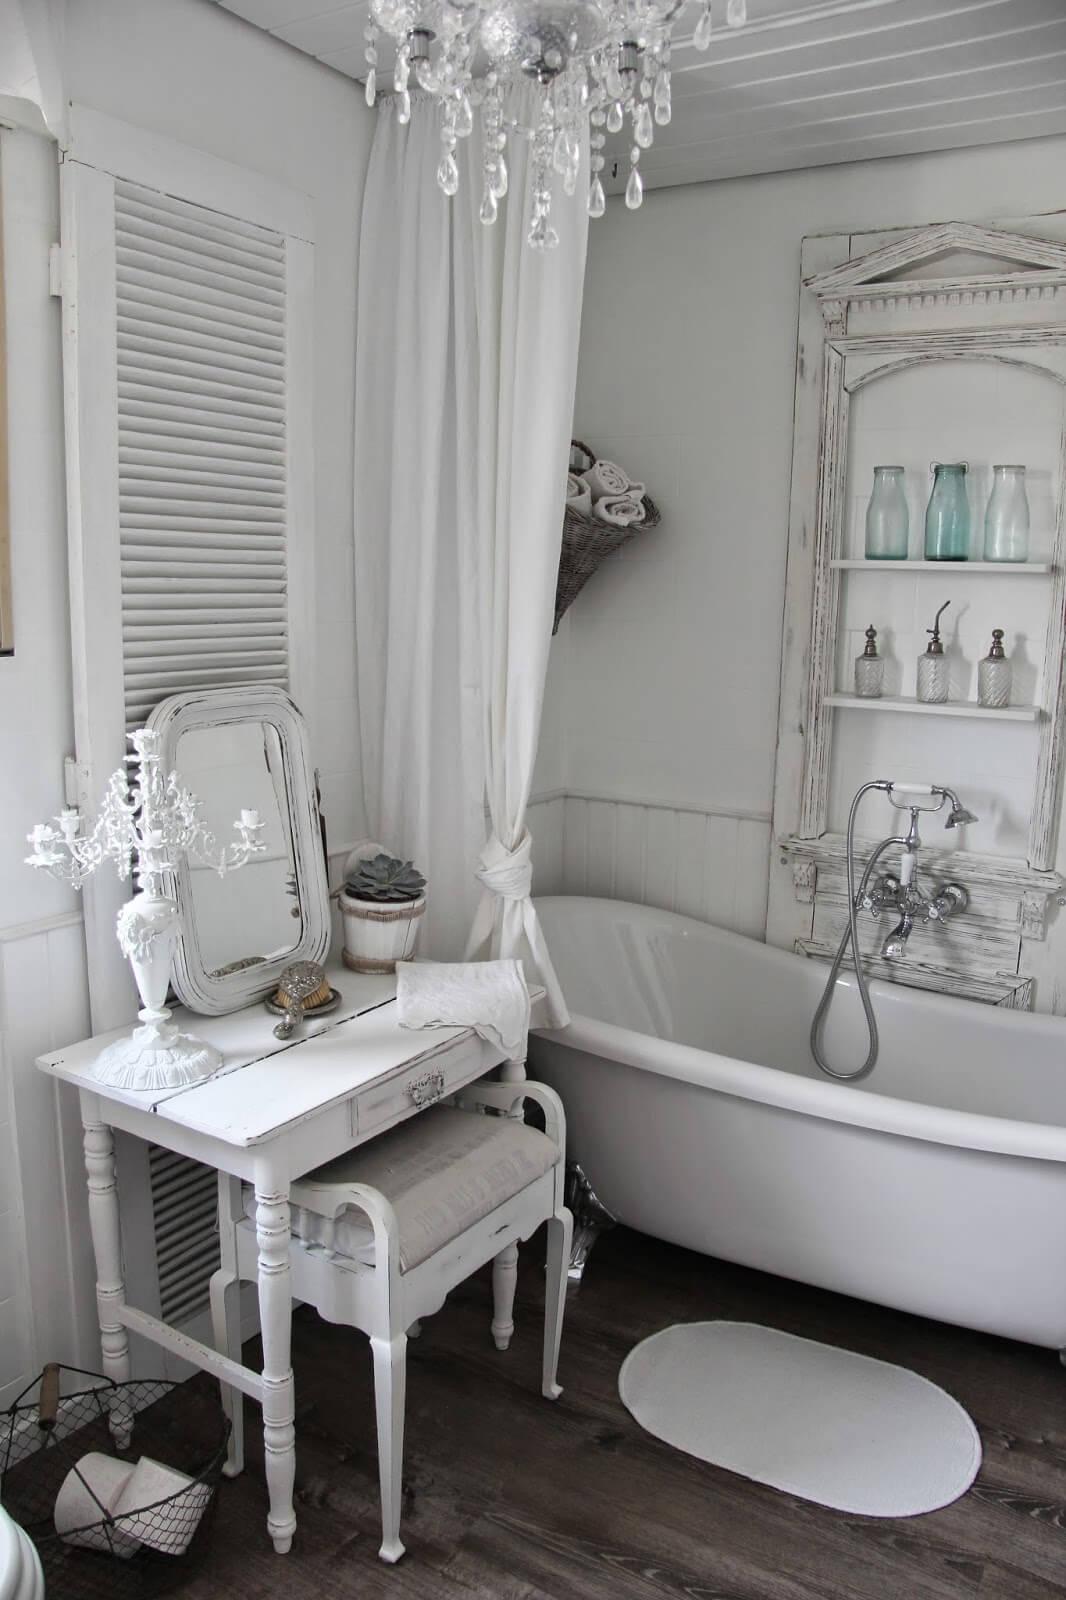 Bagno in stile shabby chic ecco 20 bellissime idee da vedere - Bagno shabby immagini ...